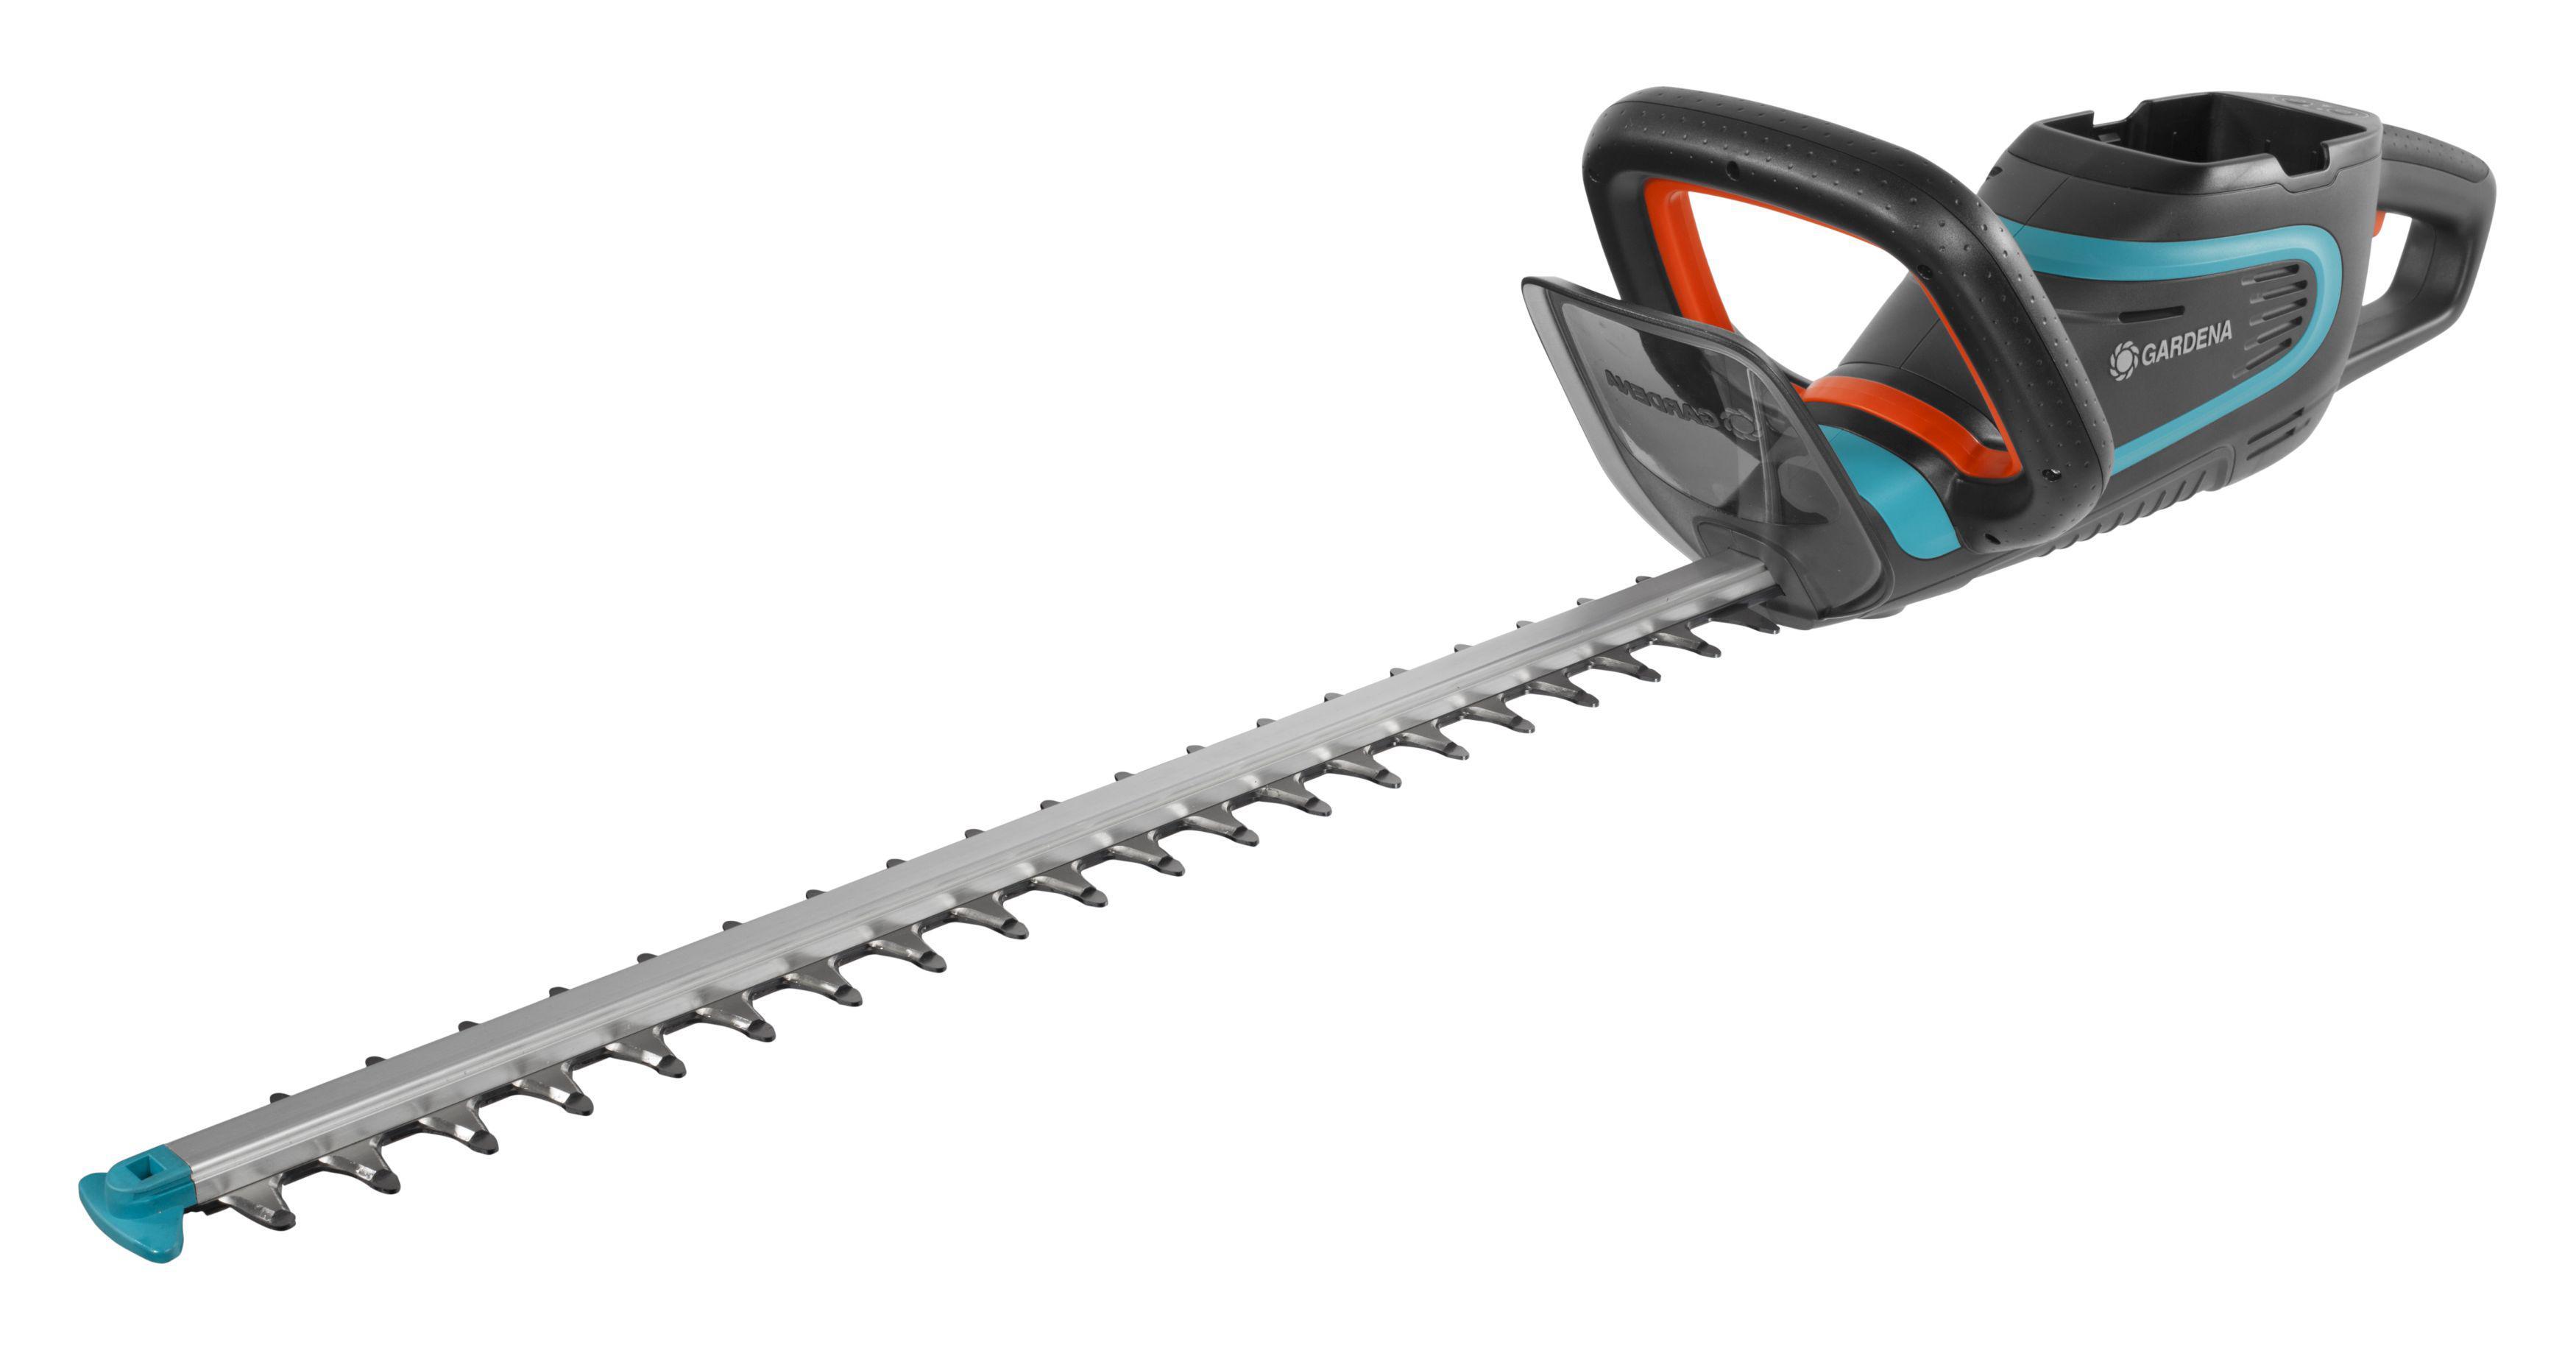 Ножницы Gardena 09860-55.000.00